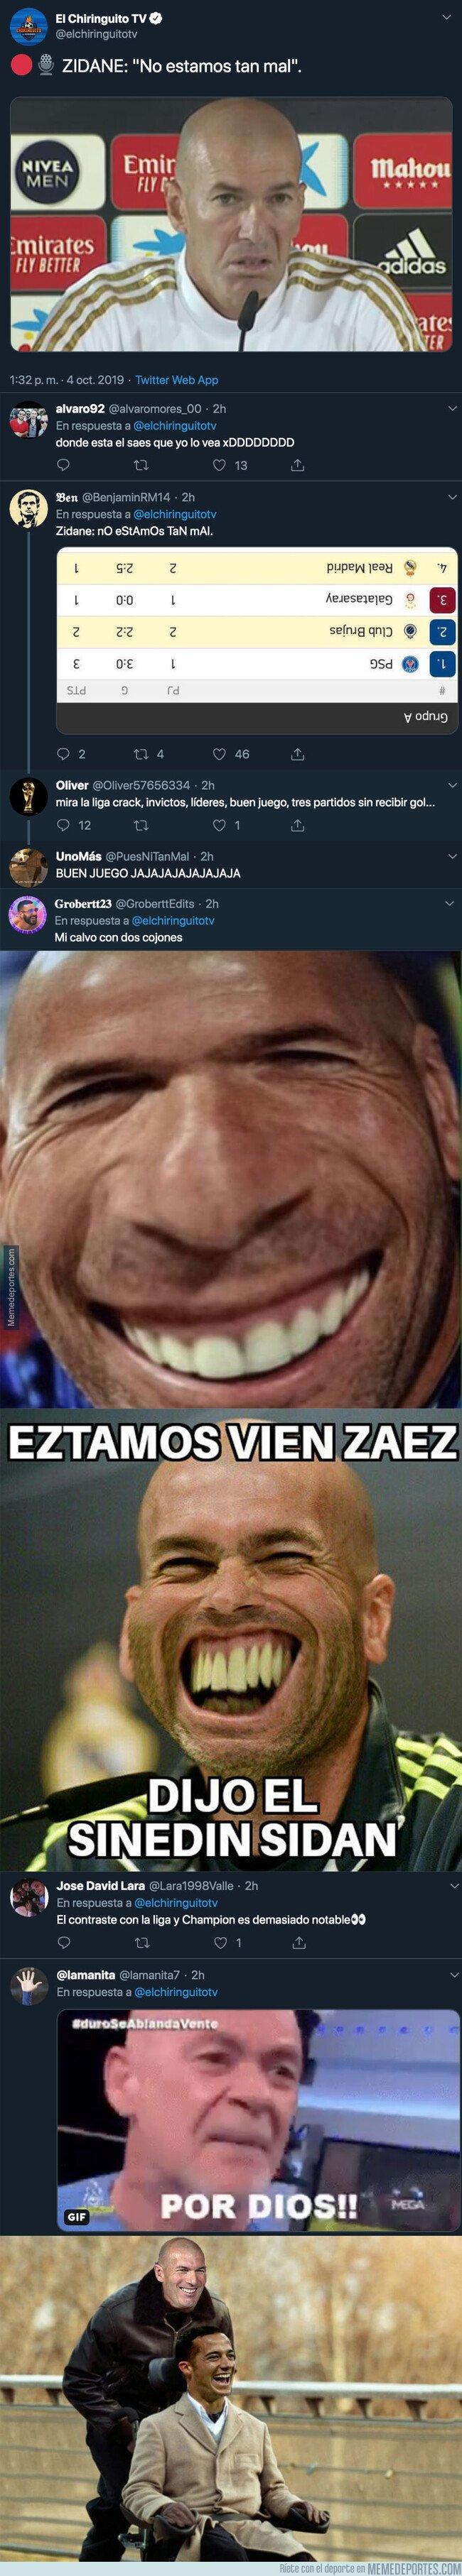 1087614 - Indignación total por lo que Zinedine Zidane ha dicho sobre su equipo en la rueda de prensa previa al partido de Liga